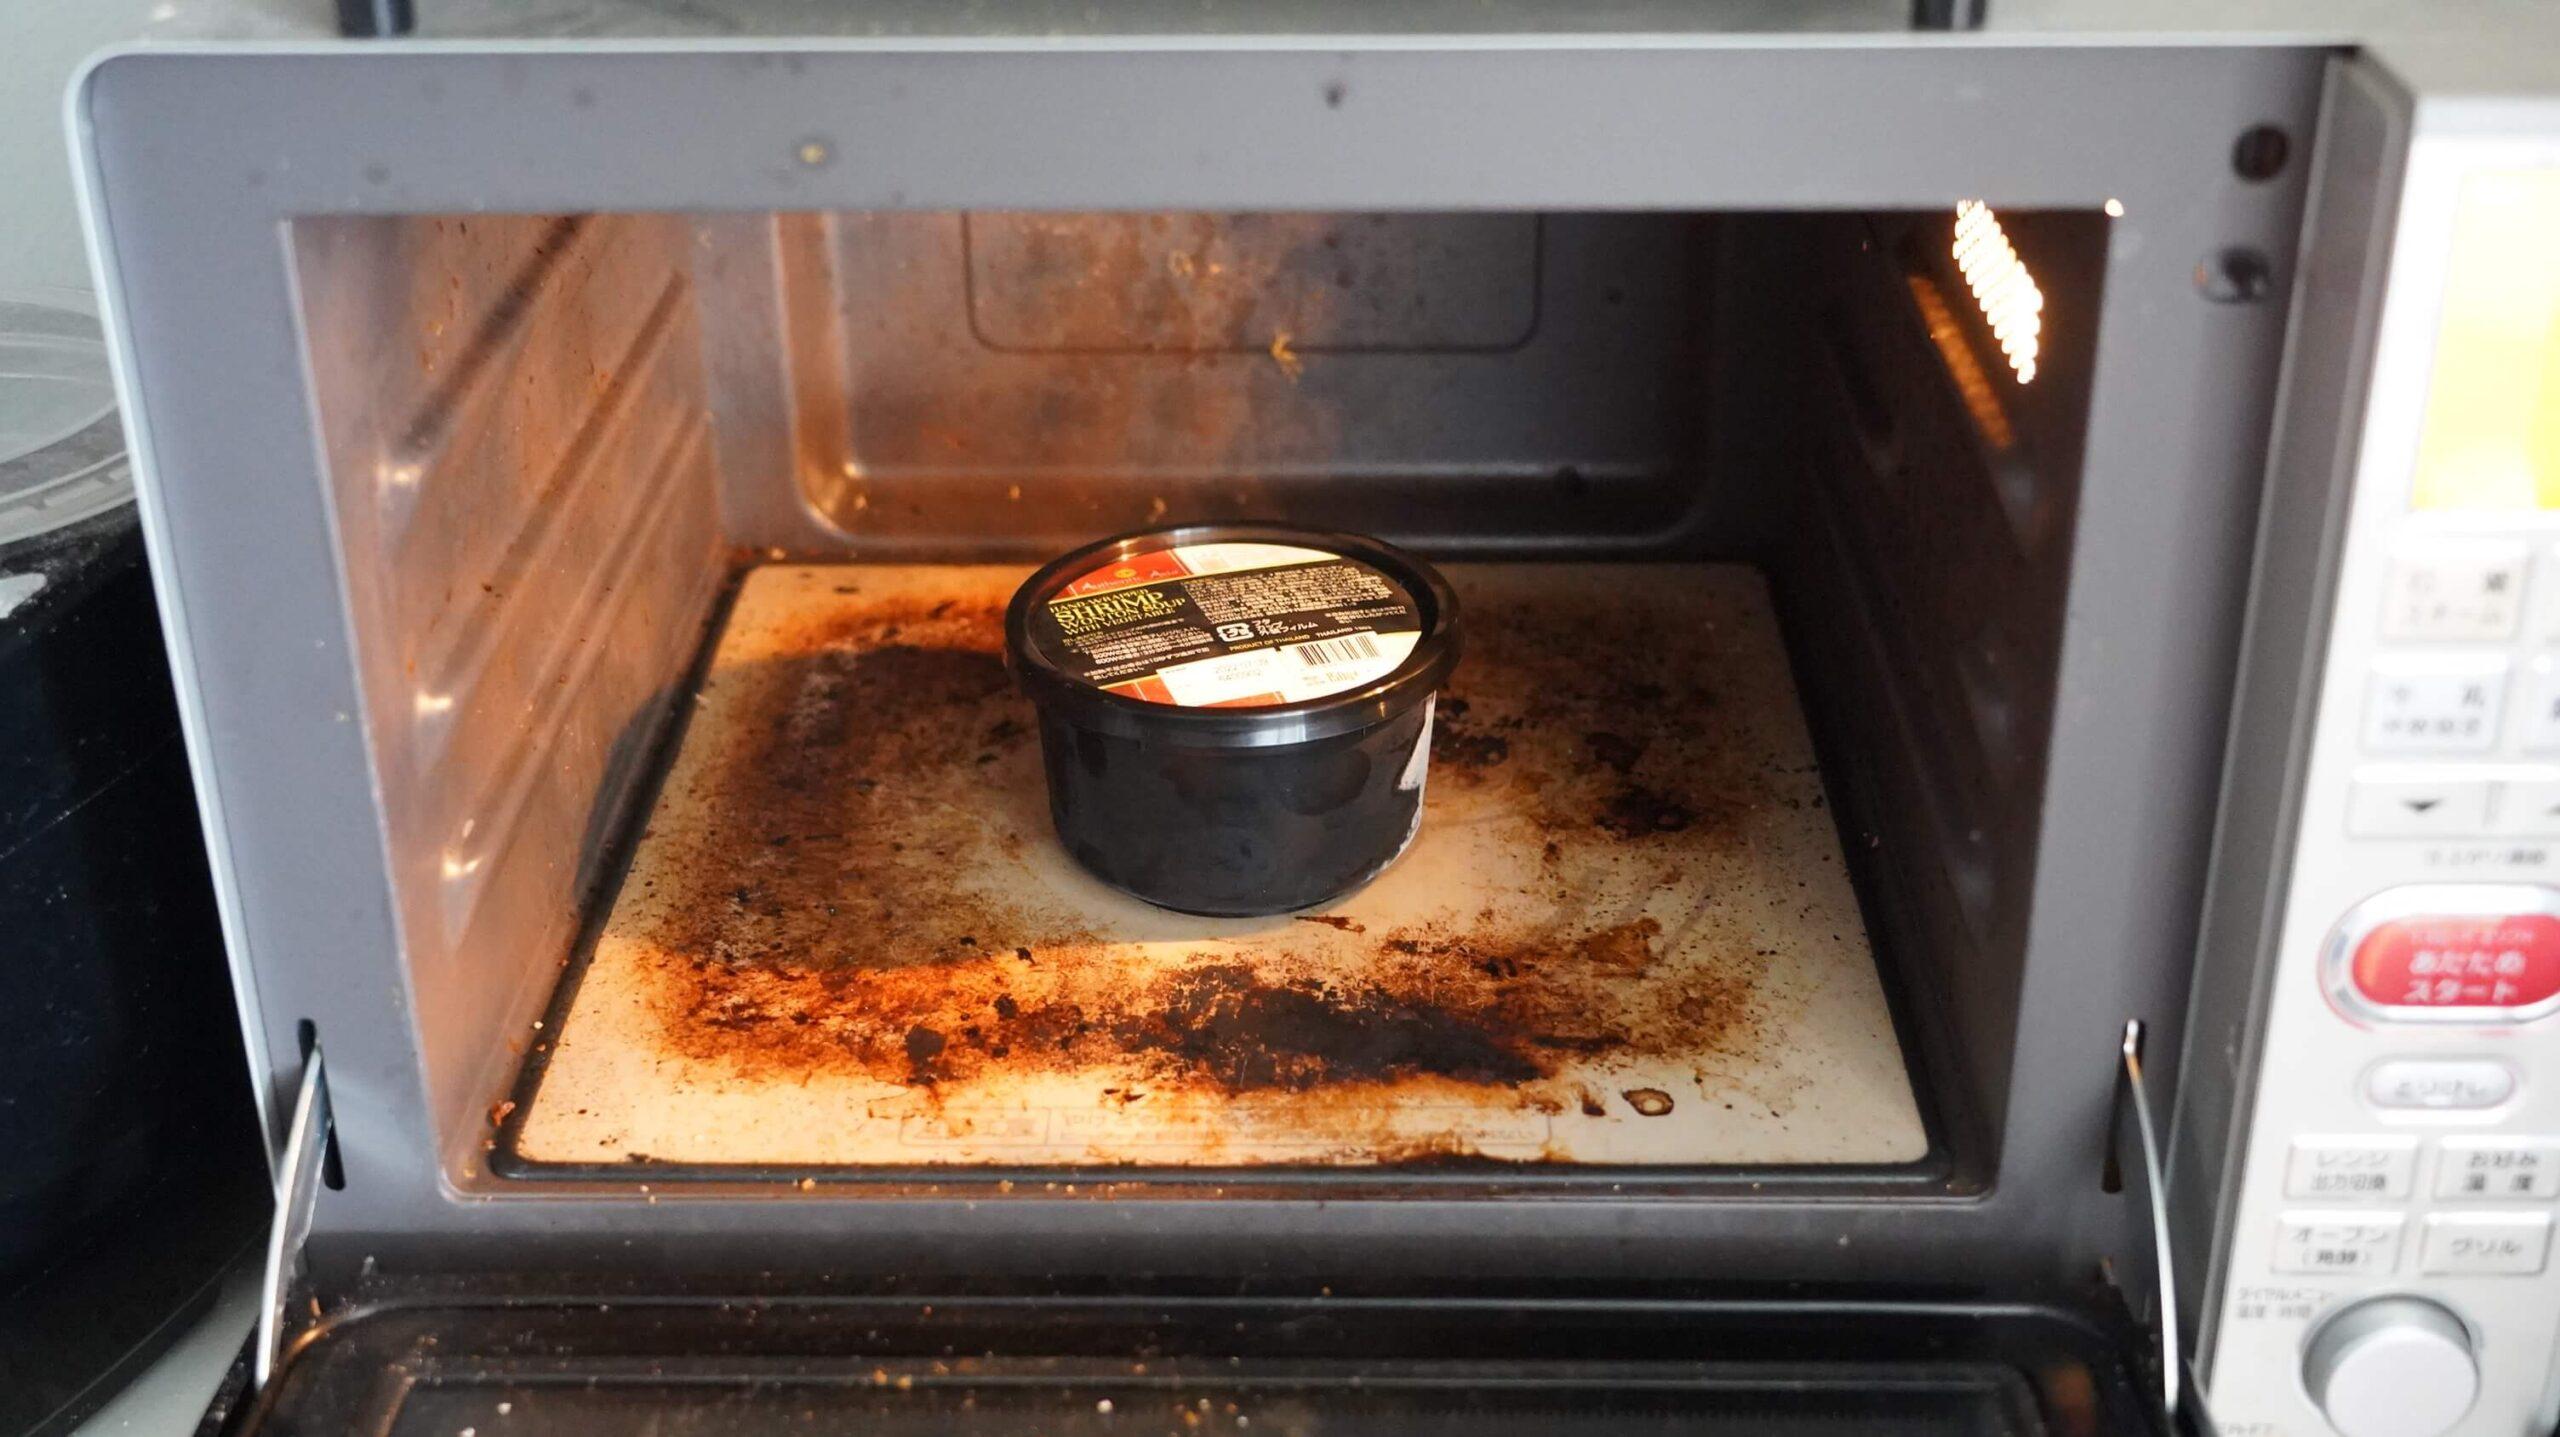 コストコの冷凍食品「海老ワンタンスープ」を電子レンジで加熱している写真